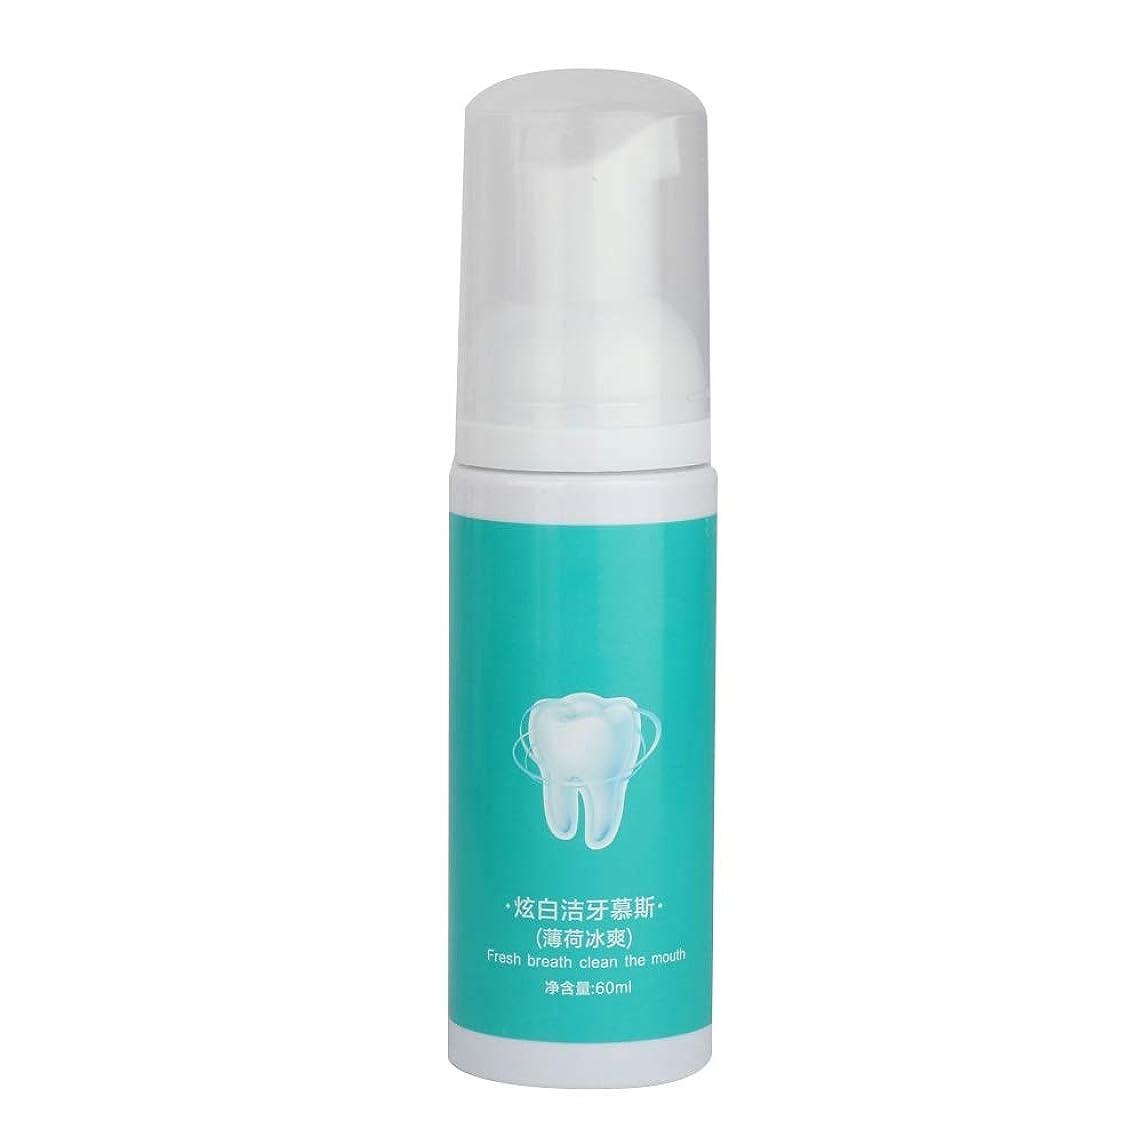 恥ずかしさ午後パラナ川歯磨き粉の白くなること、口臭の取り外しの大人の口腔ケアの泡の歯磨き粉をきれいにすることの歯を白くすること